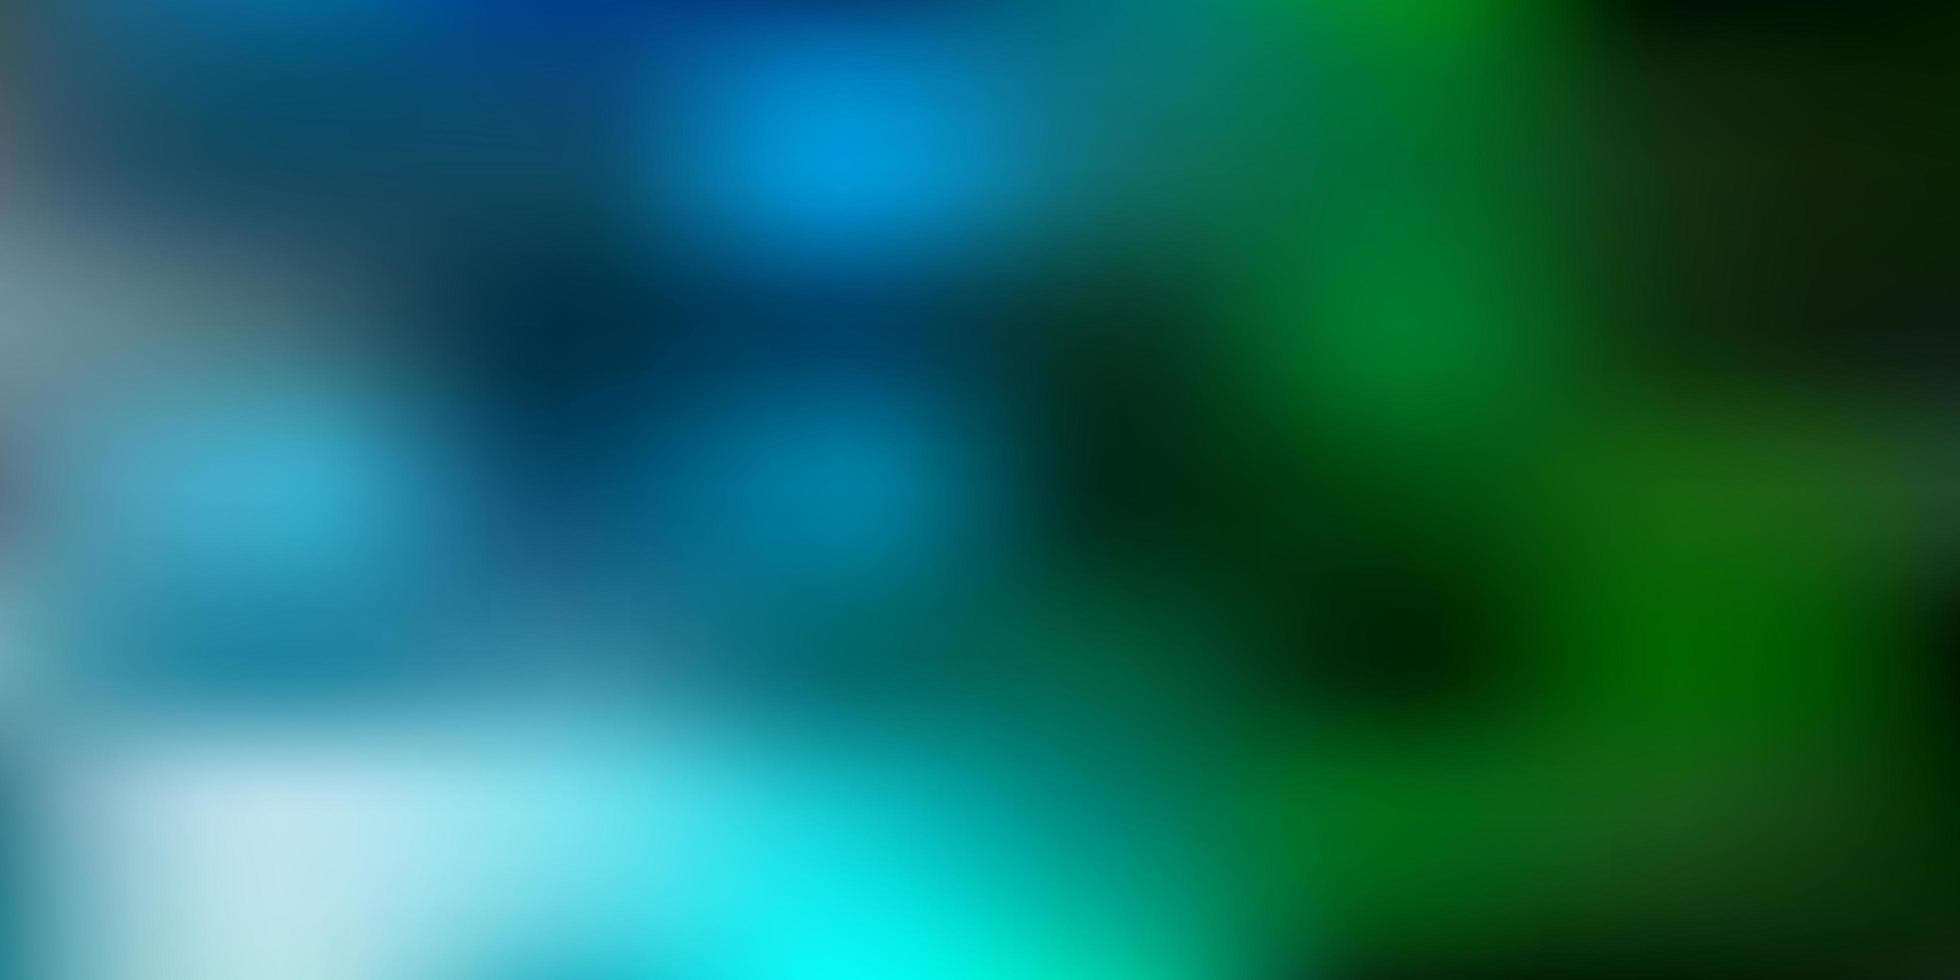 textura de desfoque de gradiente azul e verde claro. vetor